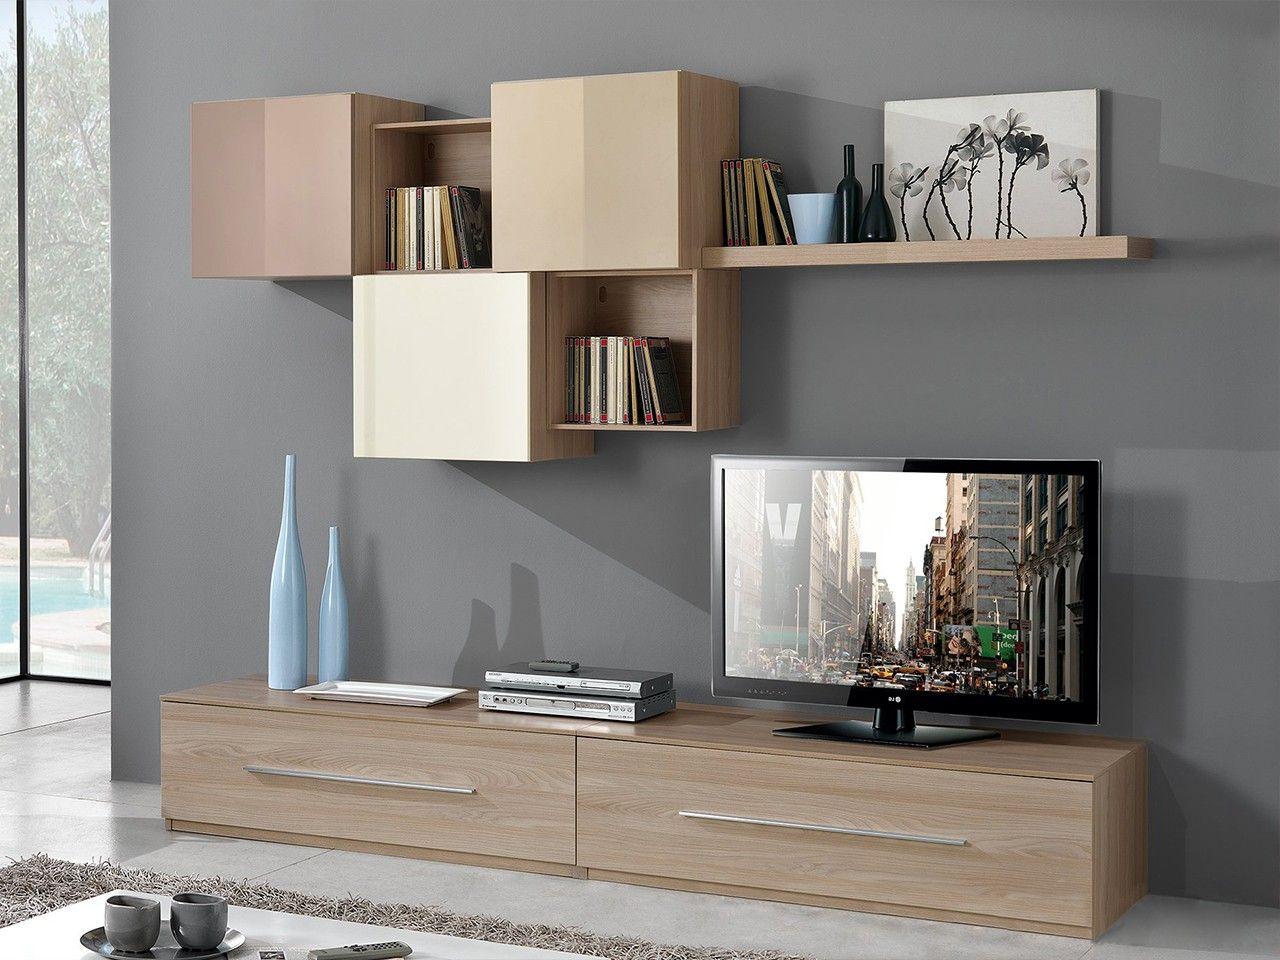 Resultado de imagen para bife mueble moderno casa for Privalia muebles